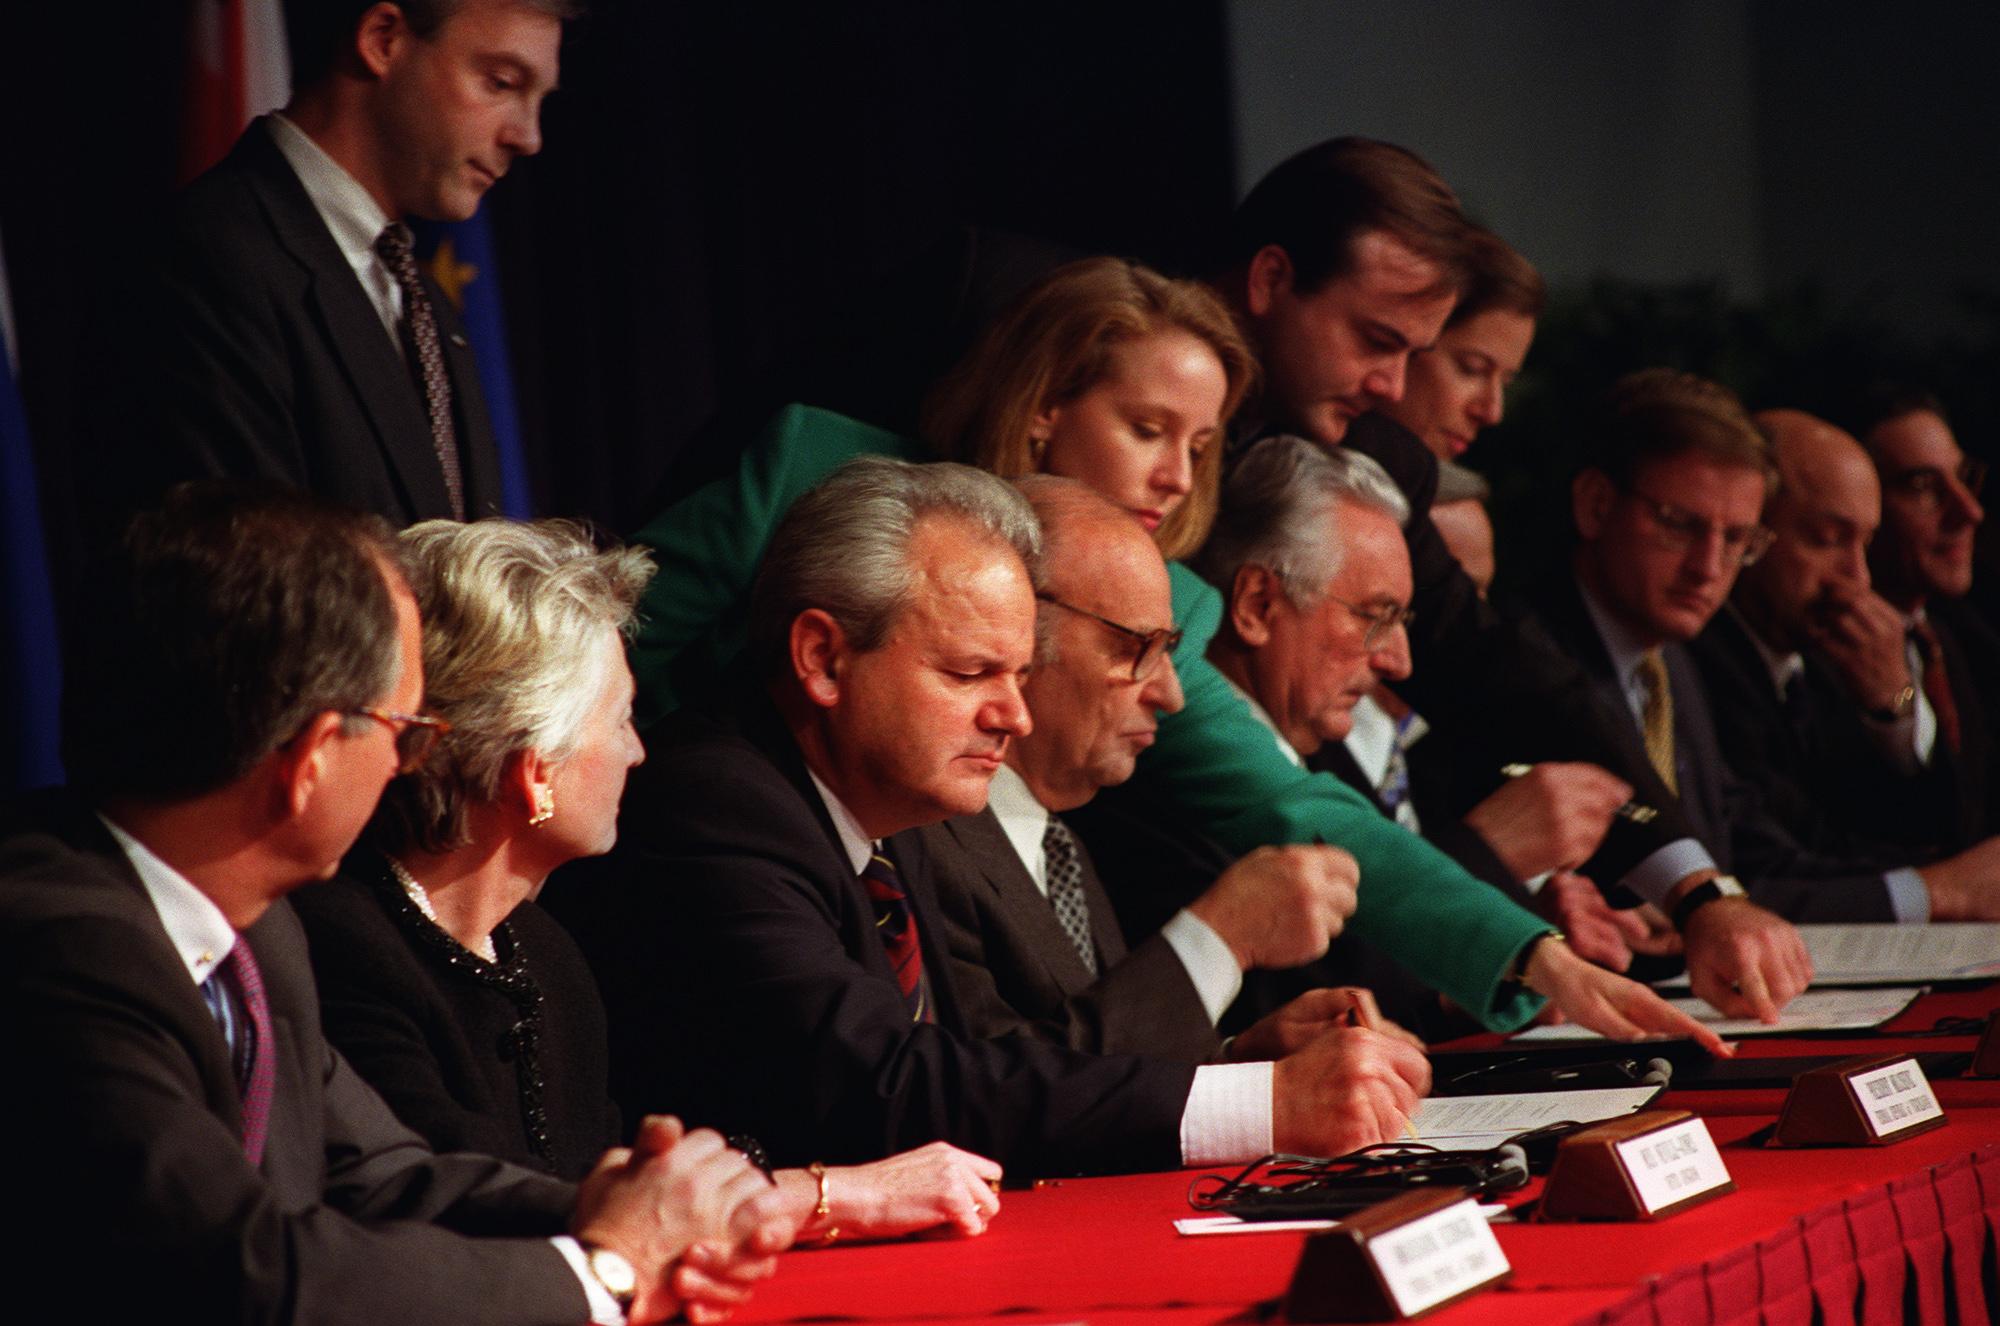 21 de Novembro de 1995: Acordo de Dayton encerra Guerra da Bósnia